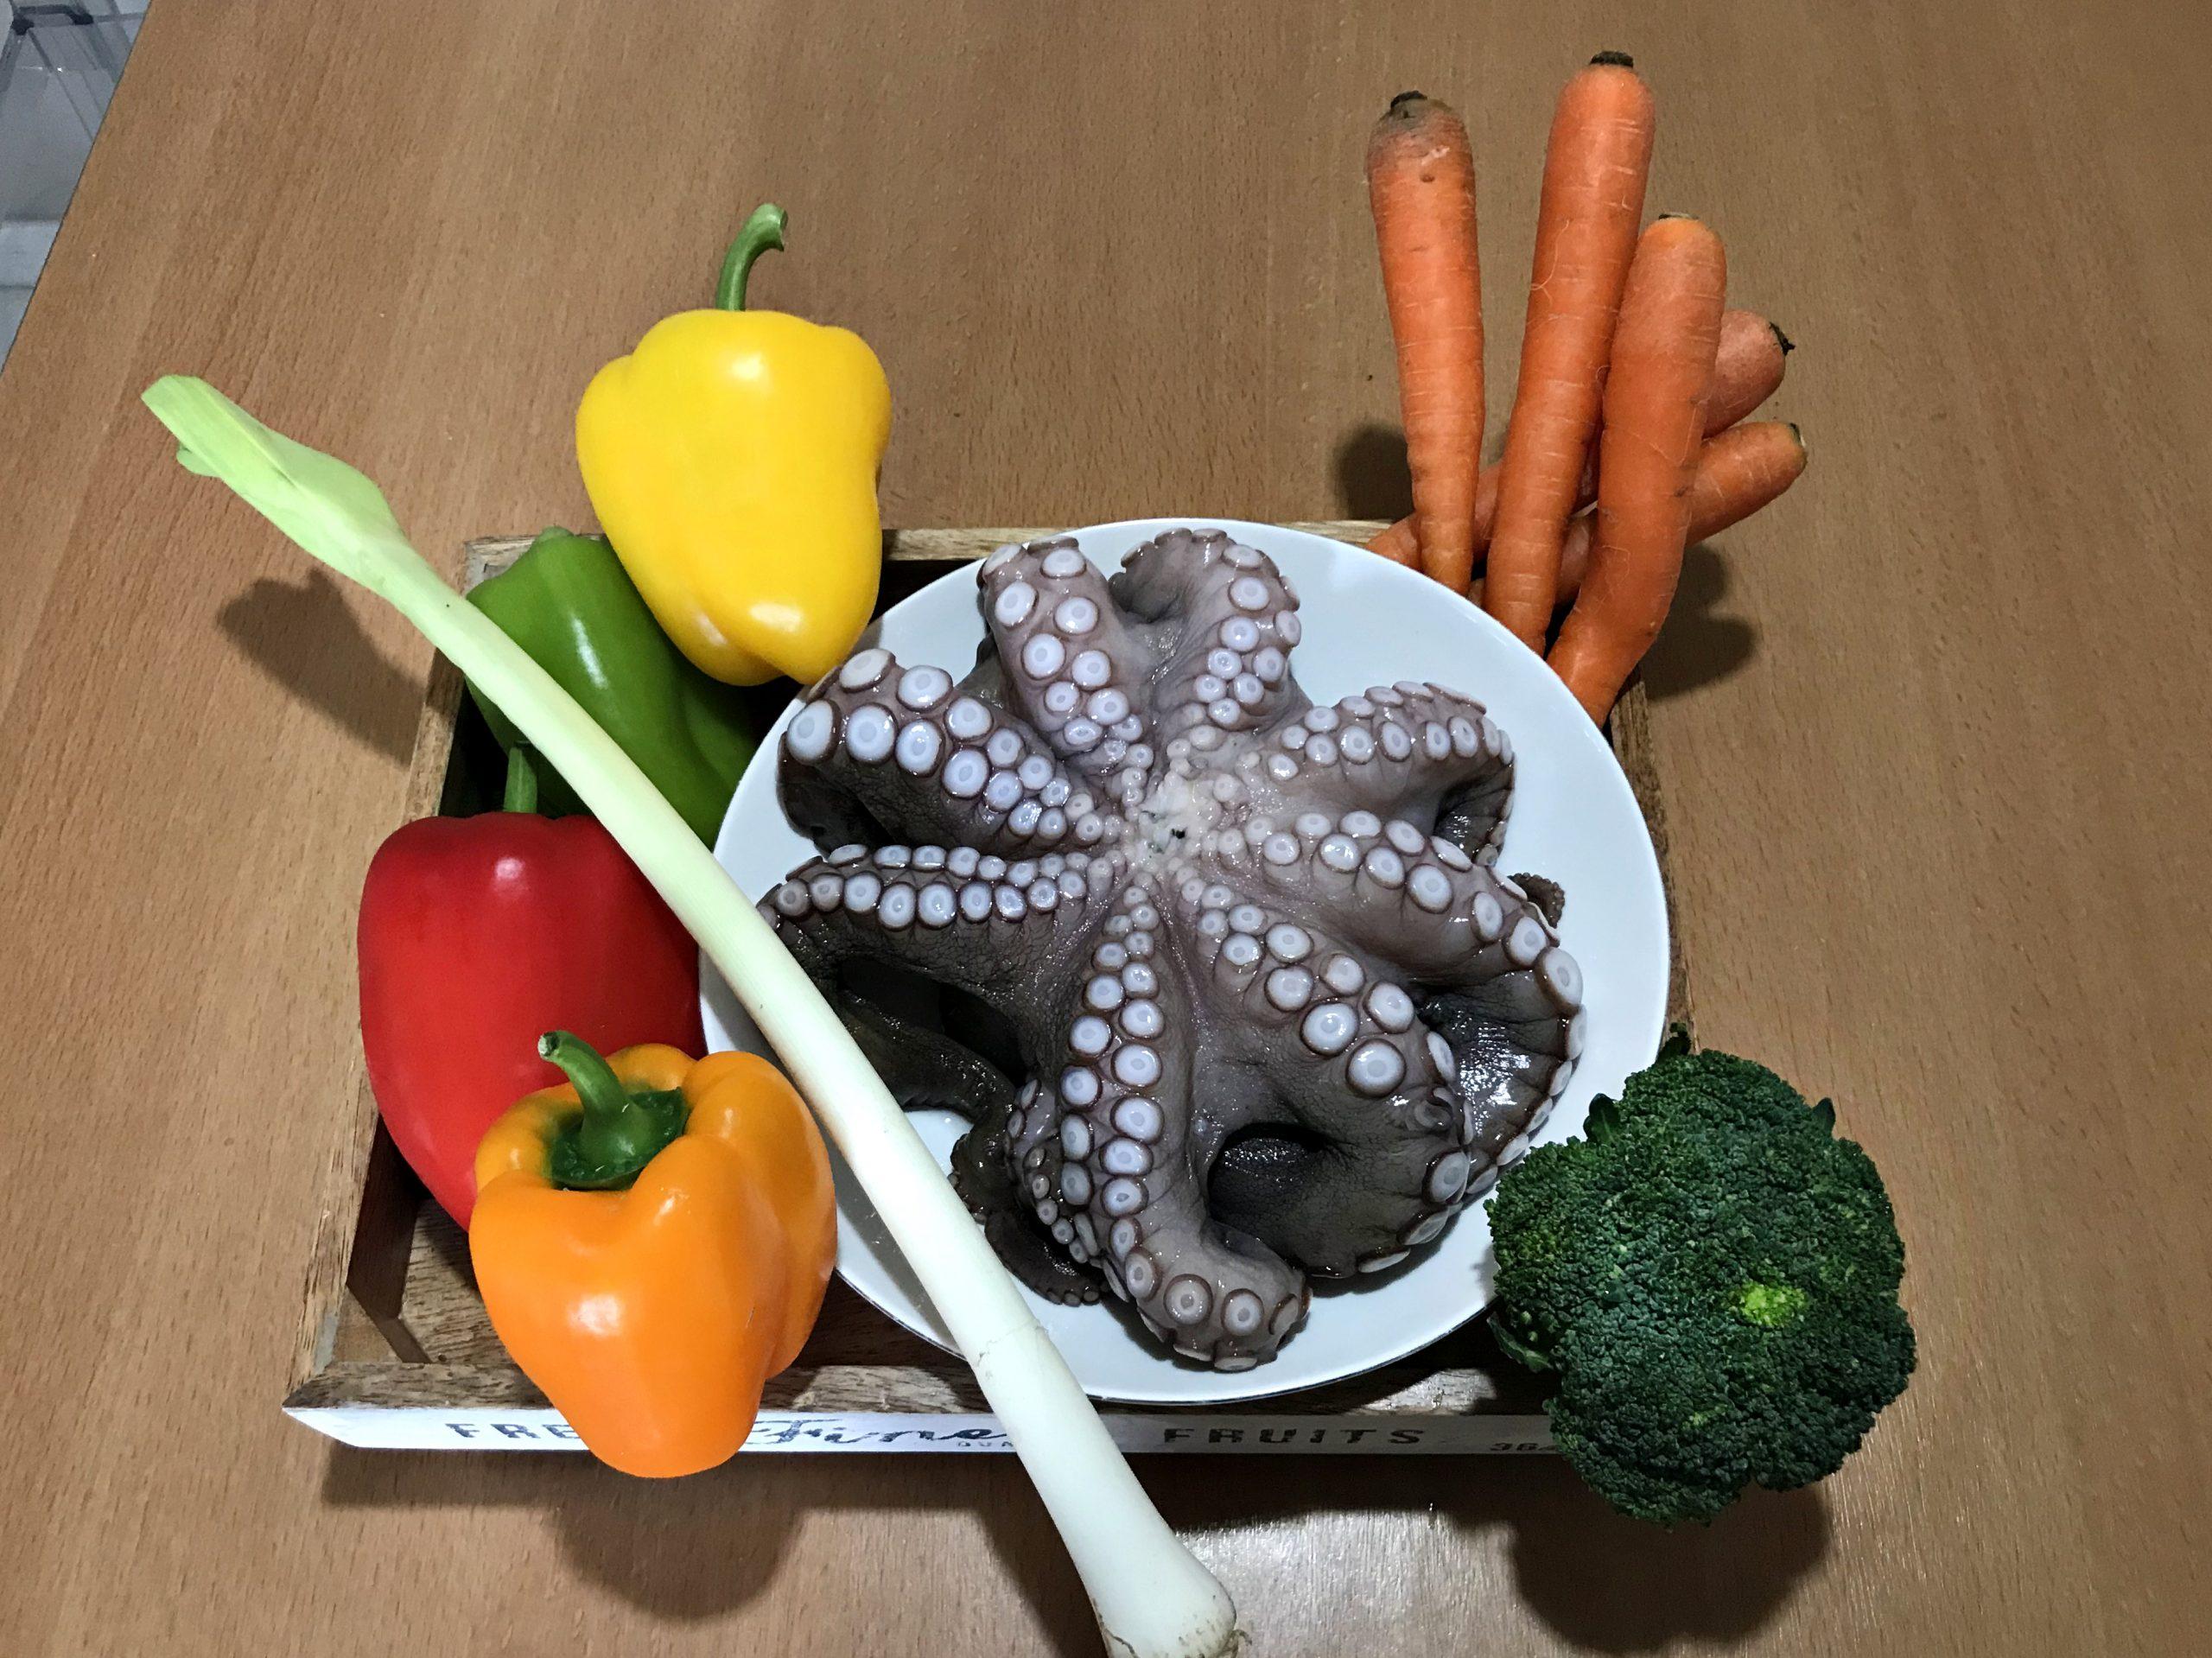 χταπόδι πιπεριές καρότα μπρόκολο